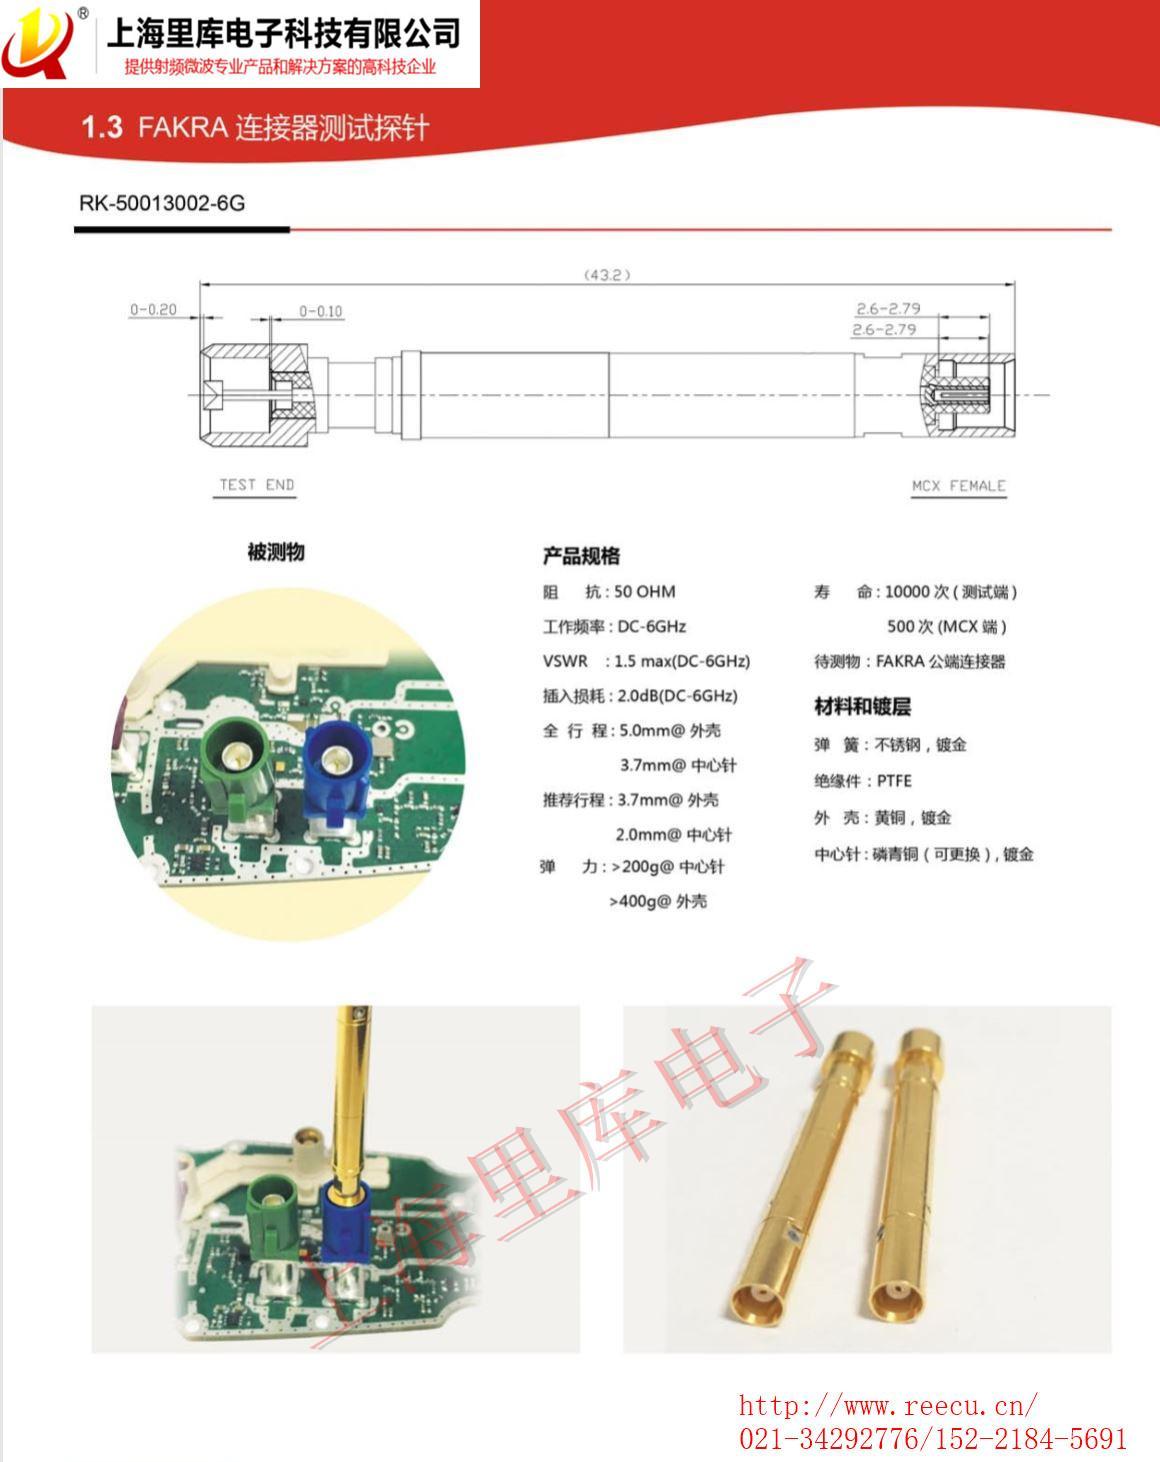 汽車FAKRA連接器測試探針-REECU 1